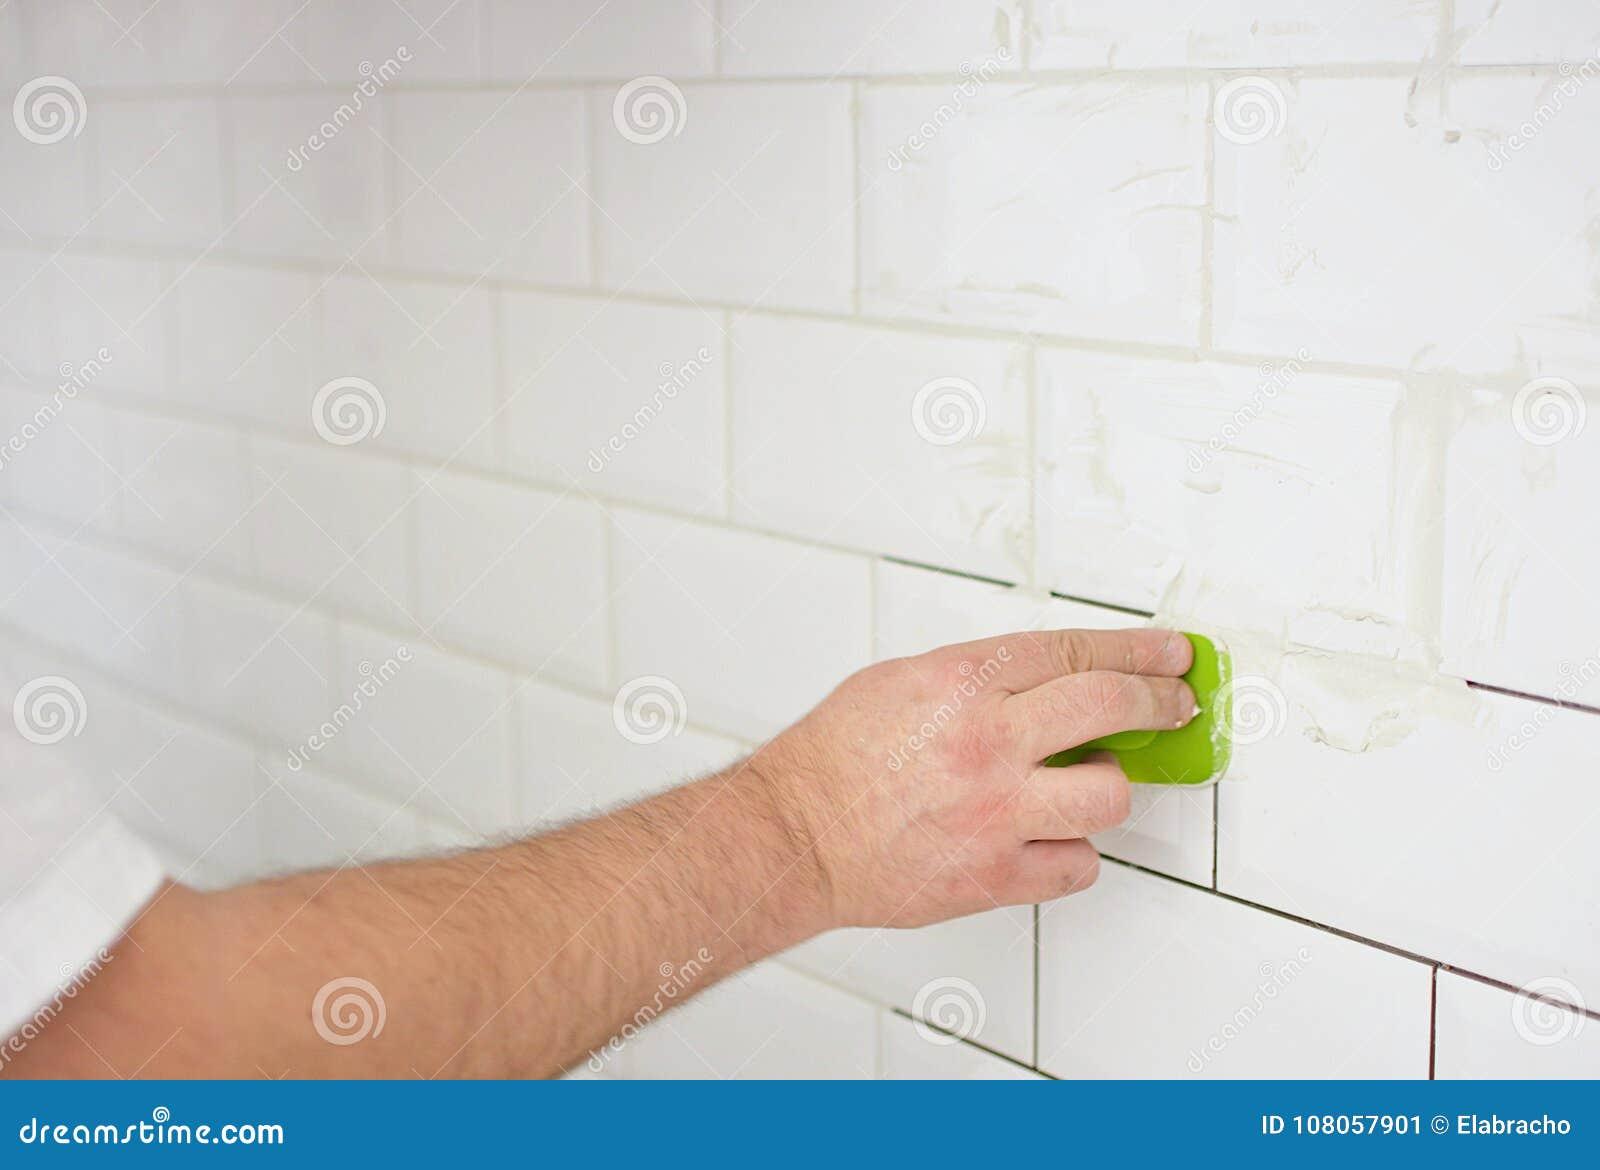 Witte Tegels Keuken : Het beëindigen van het betegelen van de keuken met witte tegels